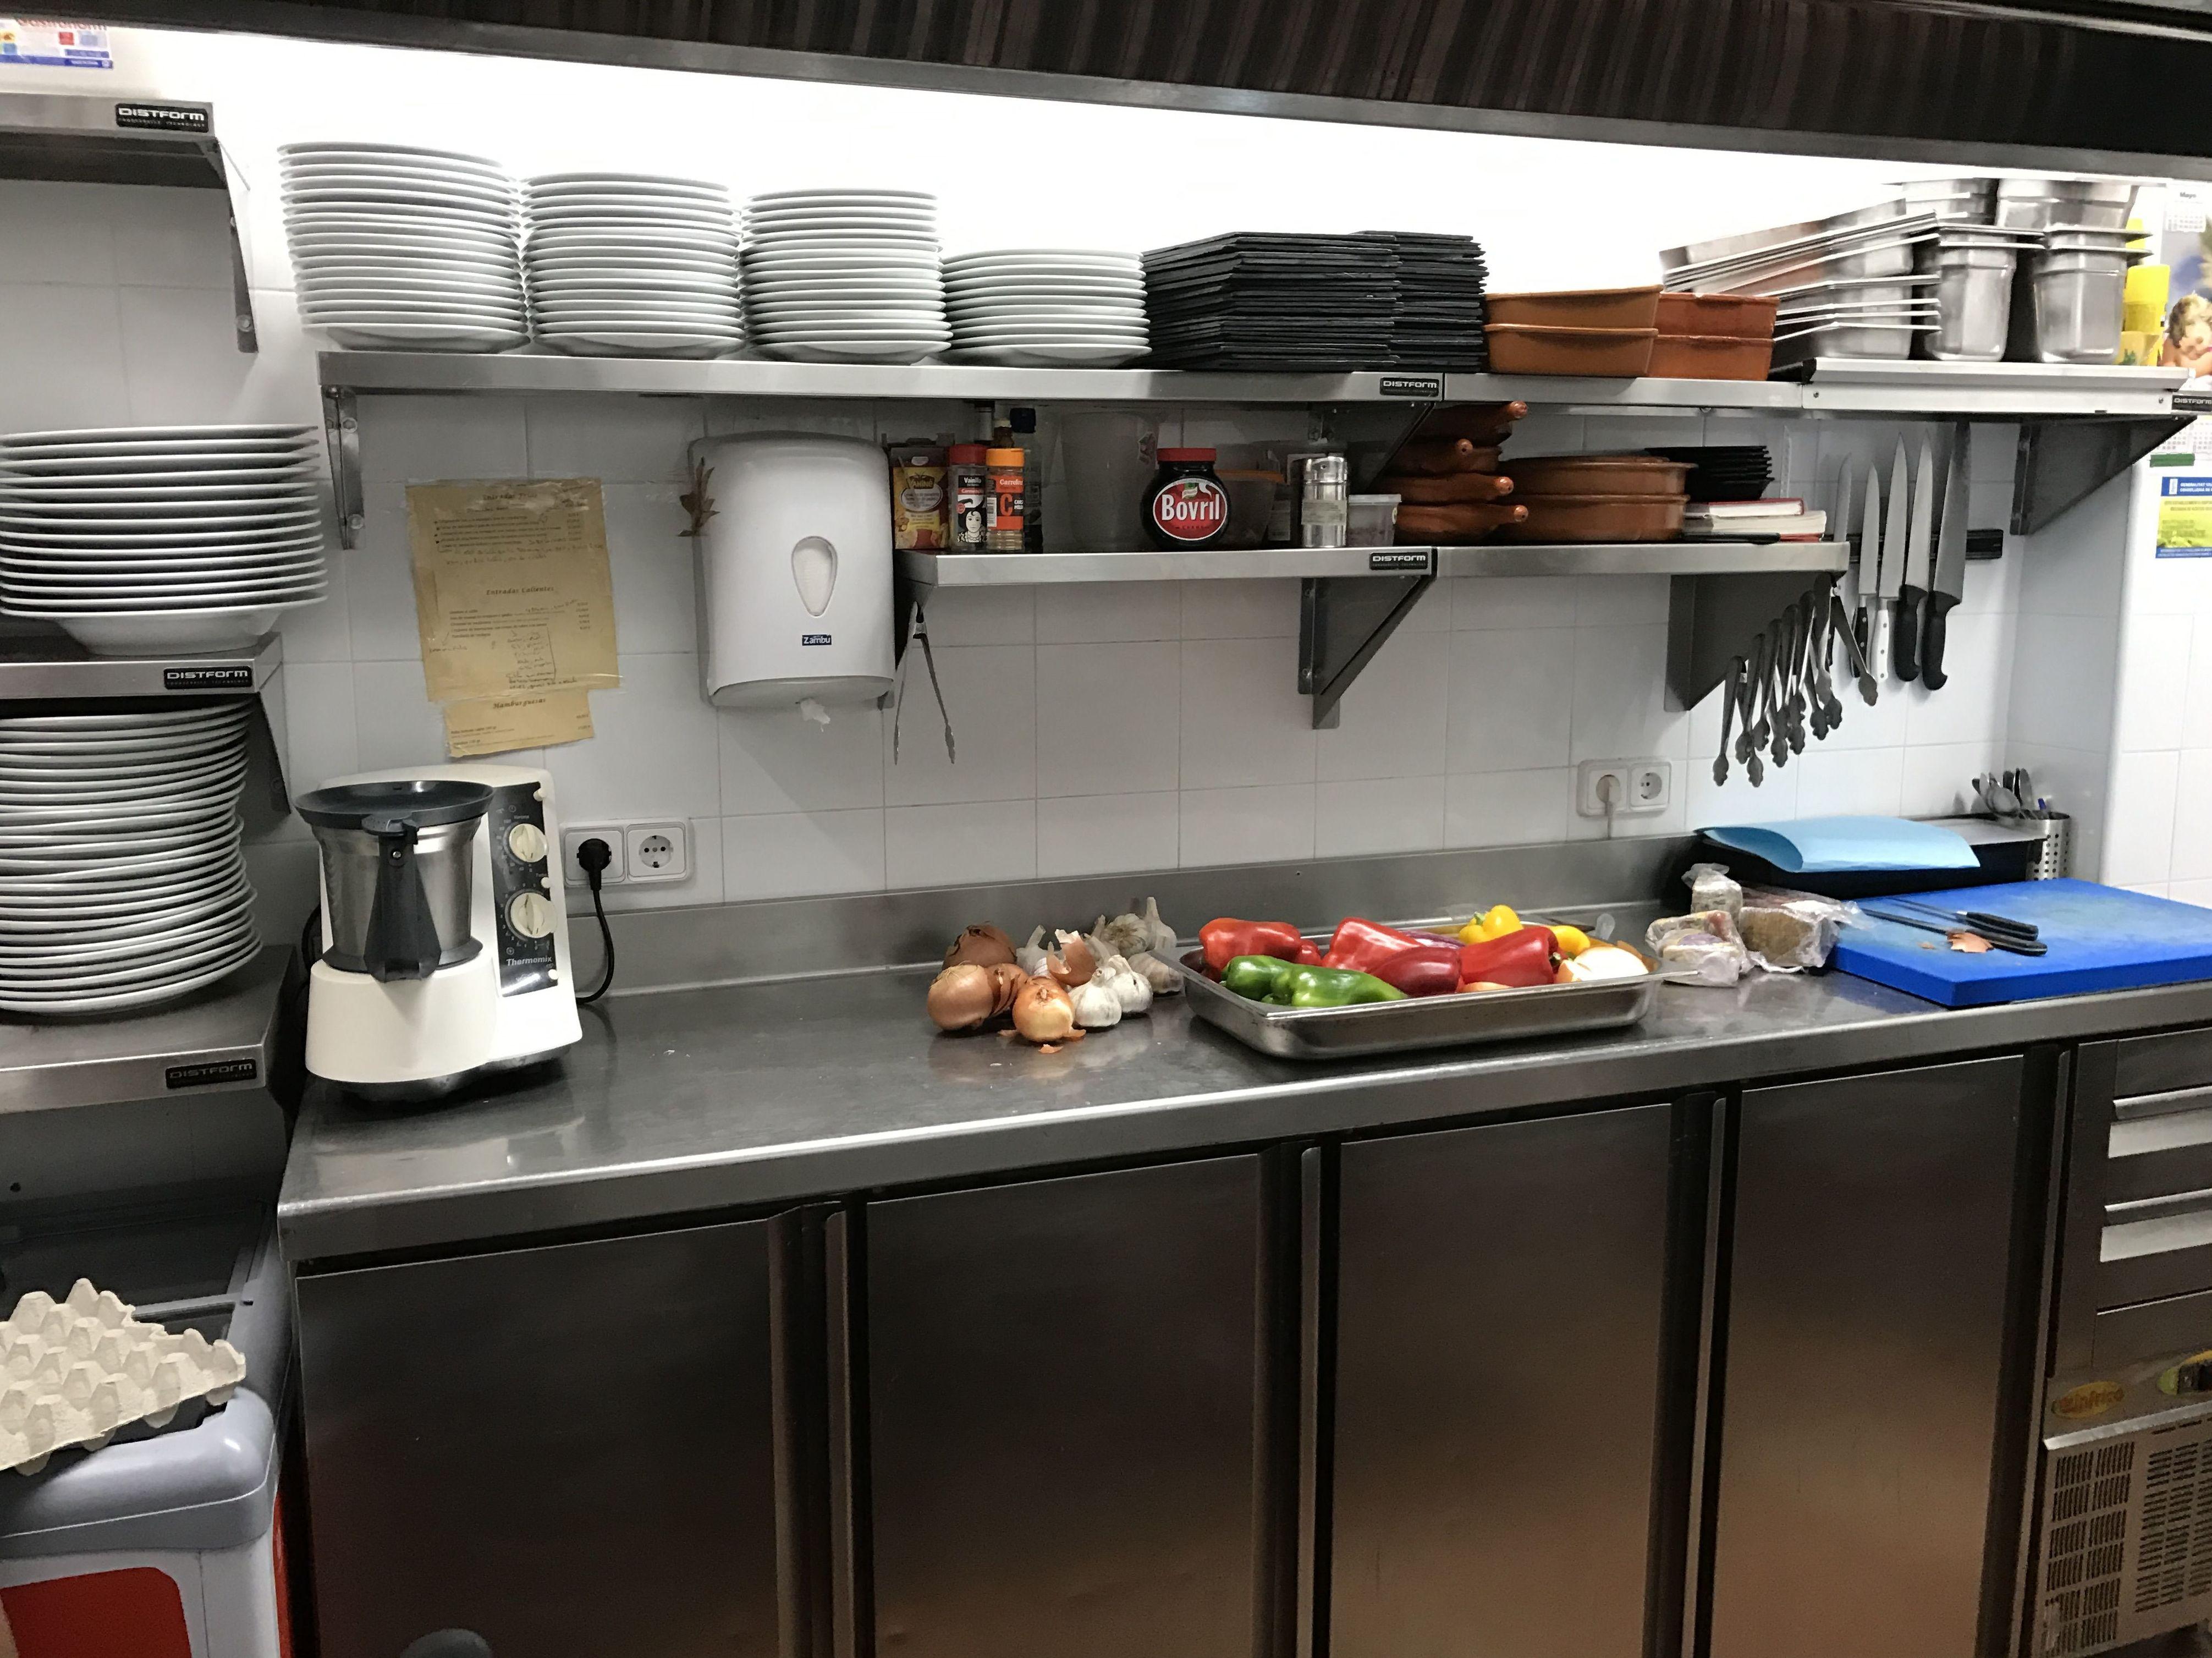 Instalación de muebles de acero inoxidable en cocinas de restaurantes